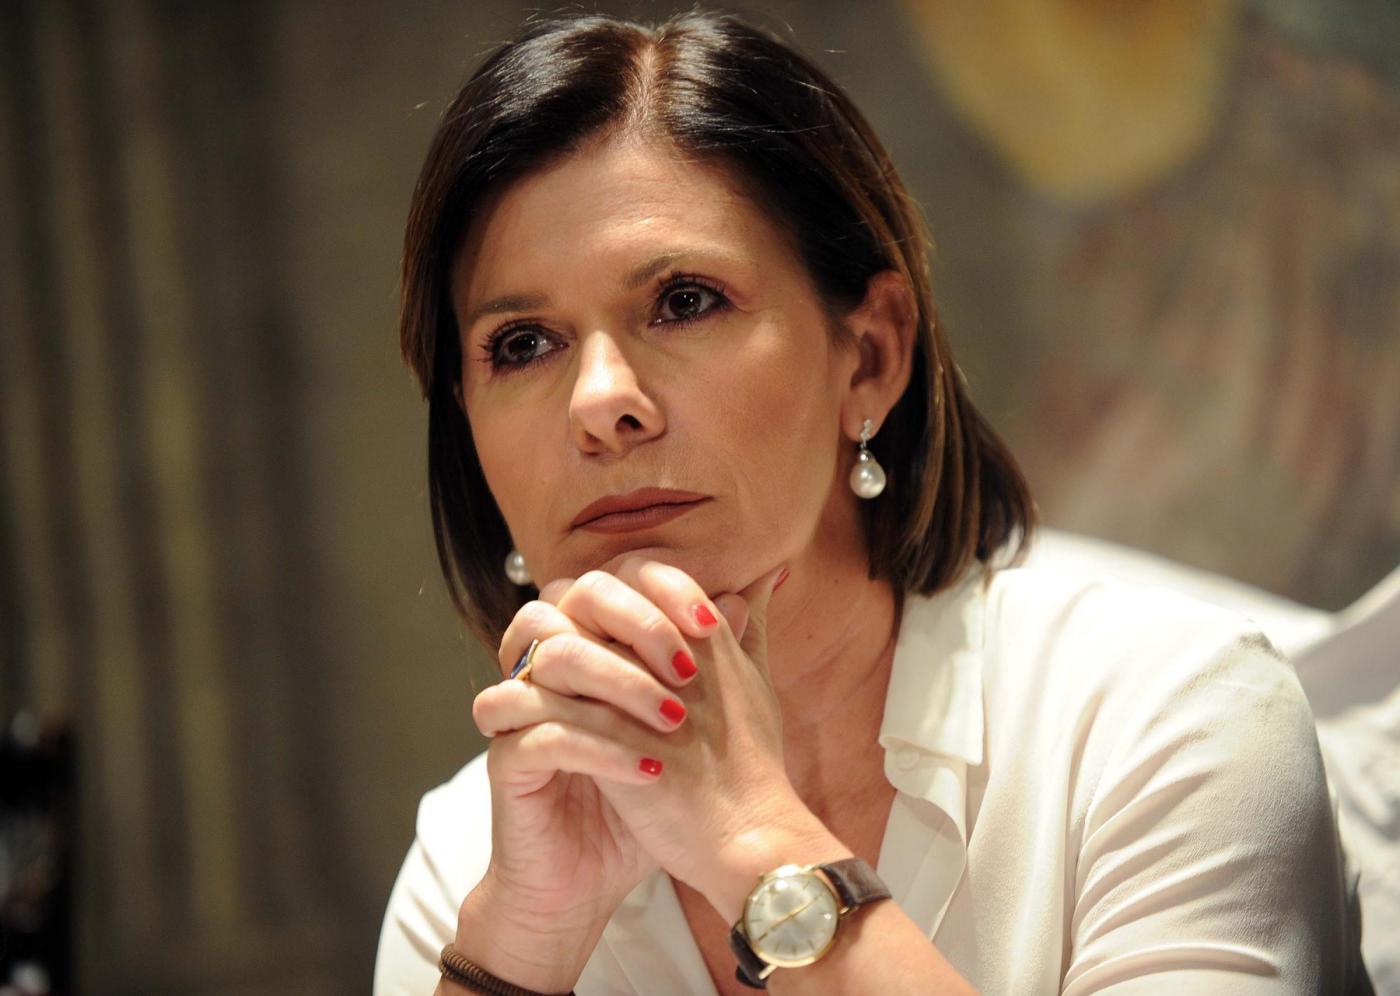 Rai 3, il tg diretto da Bianca Berlinguer al collasso? La lettera di un giornalista